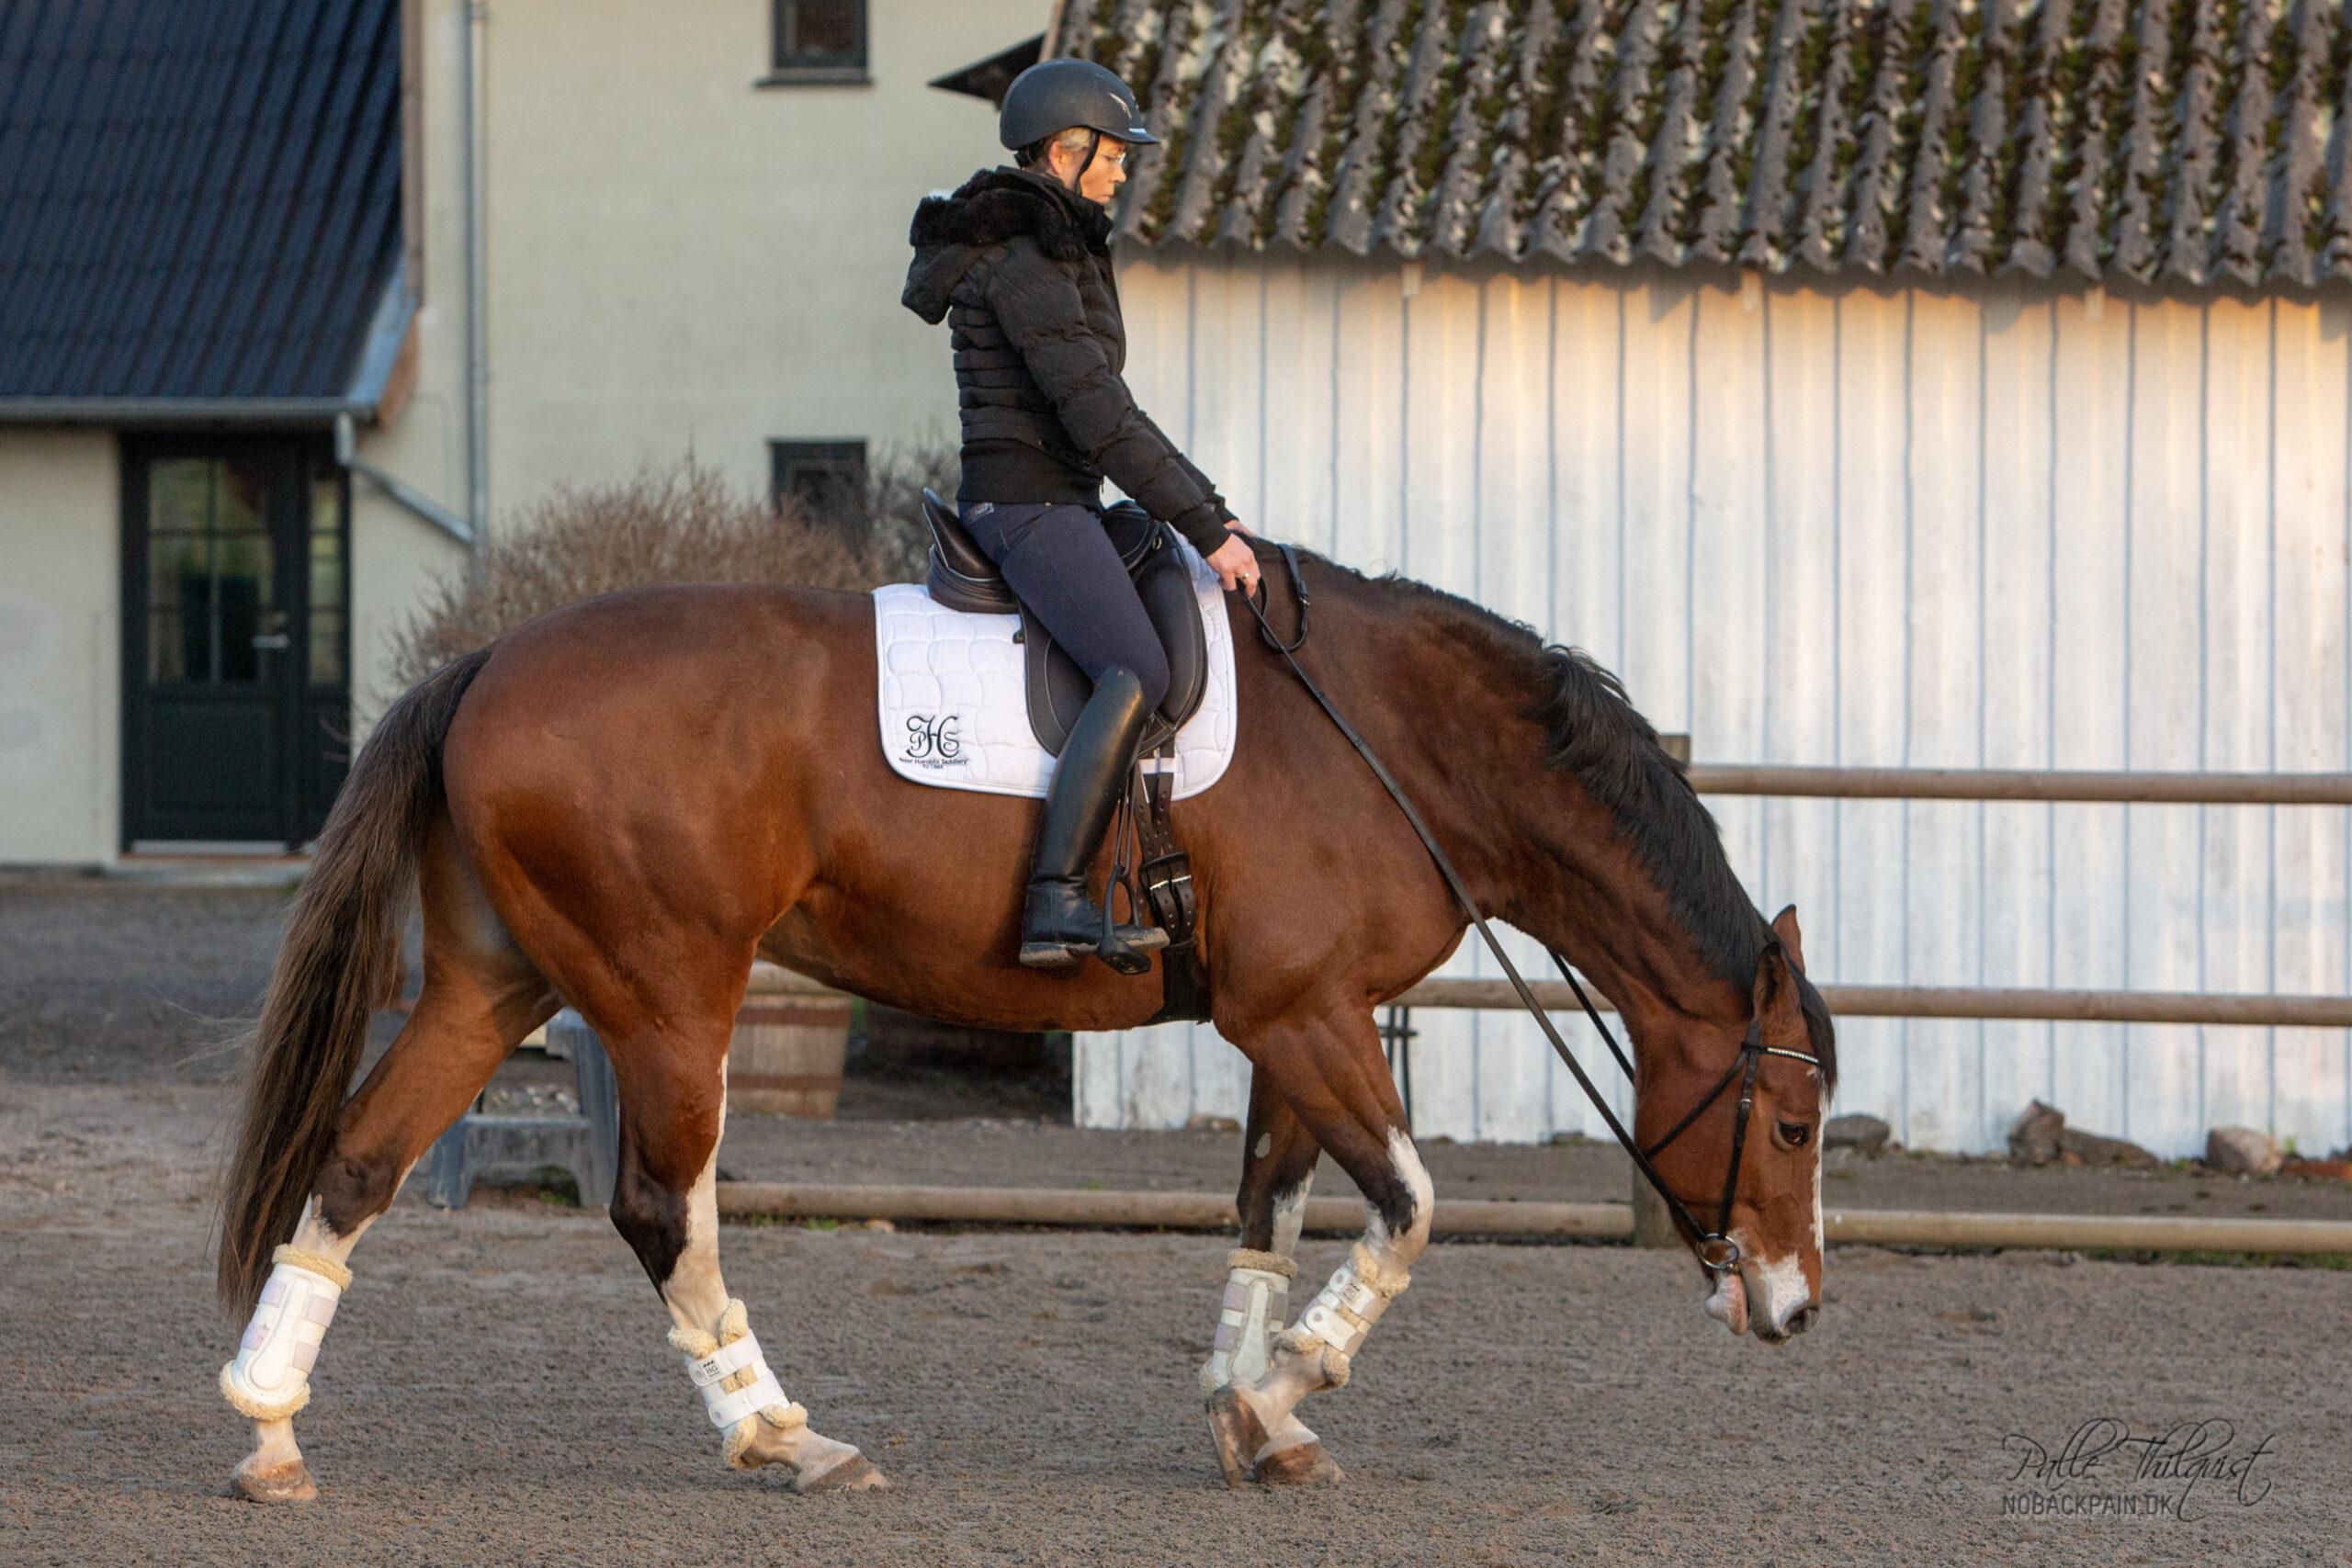 Det er nogle pokkers lange tøjler man sidder med, hvis hesten pludselig bryder ud af et stræk som det her.